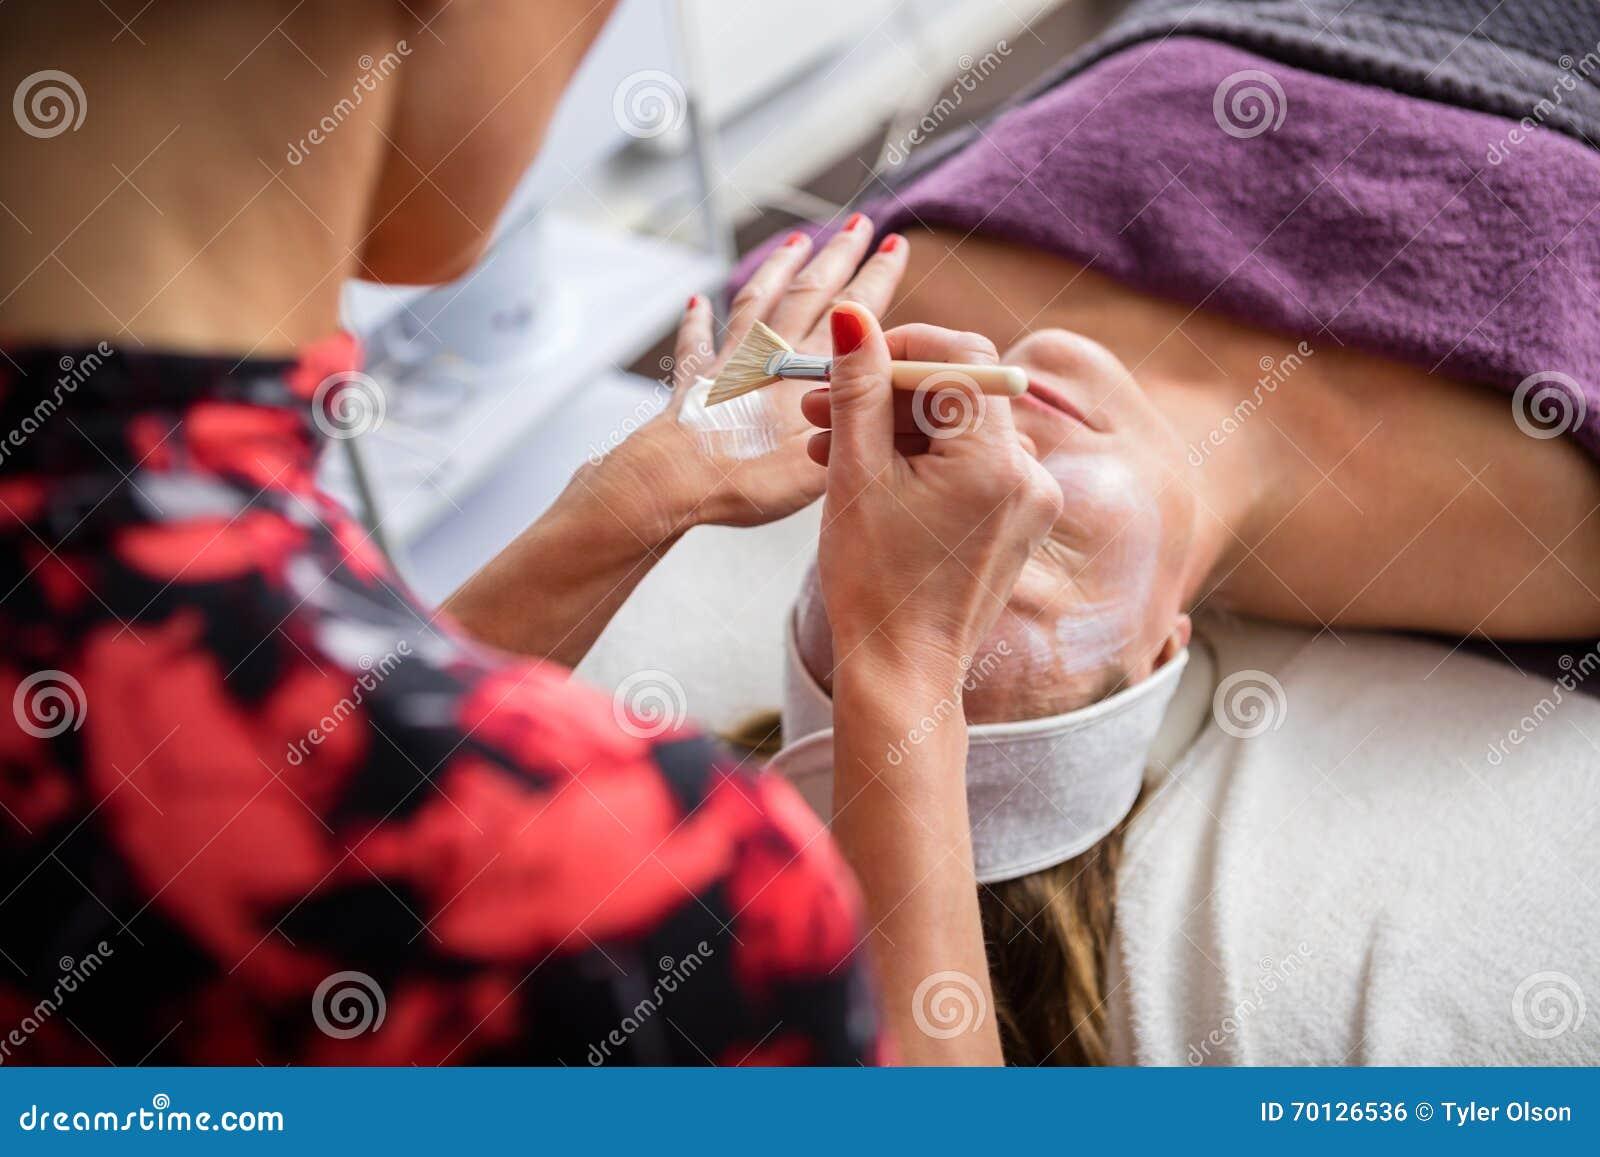 Schoonheidsspecialist Applying Facial Mask op het Gezicht van de Vrouw